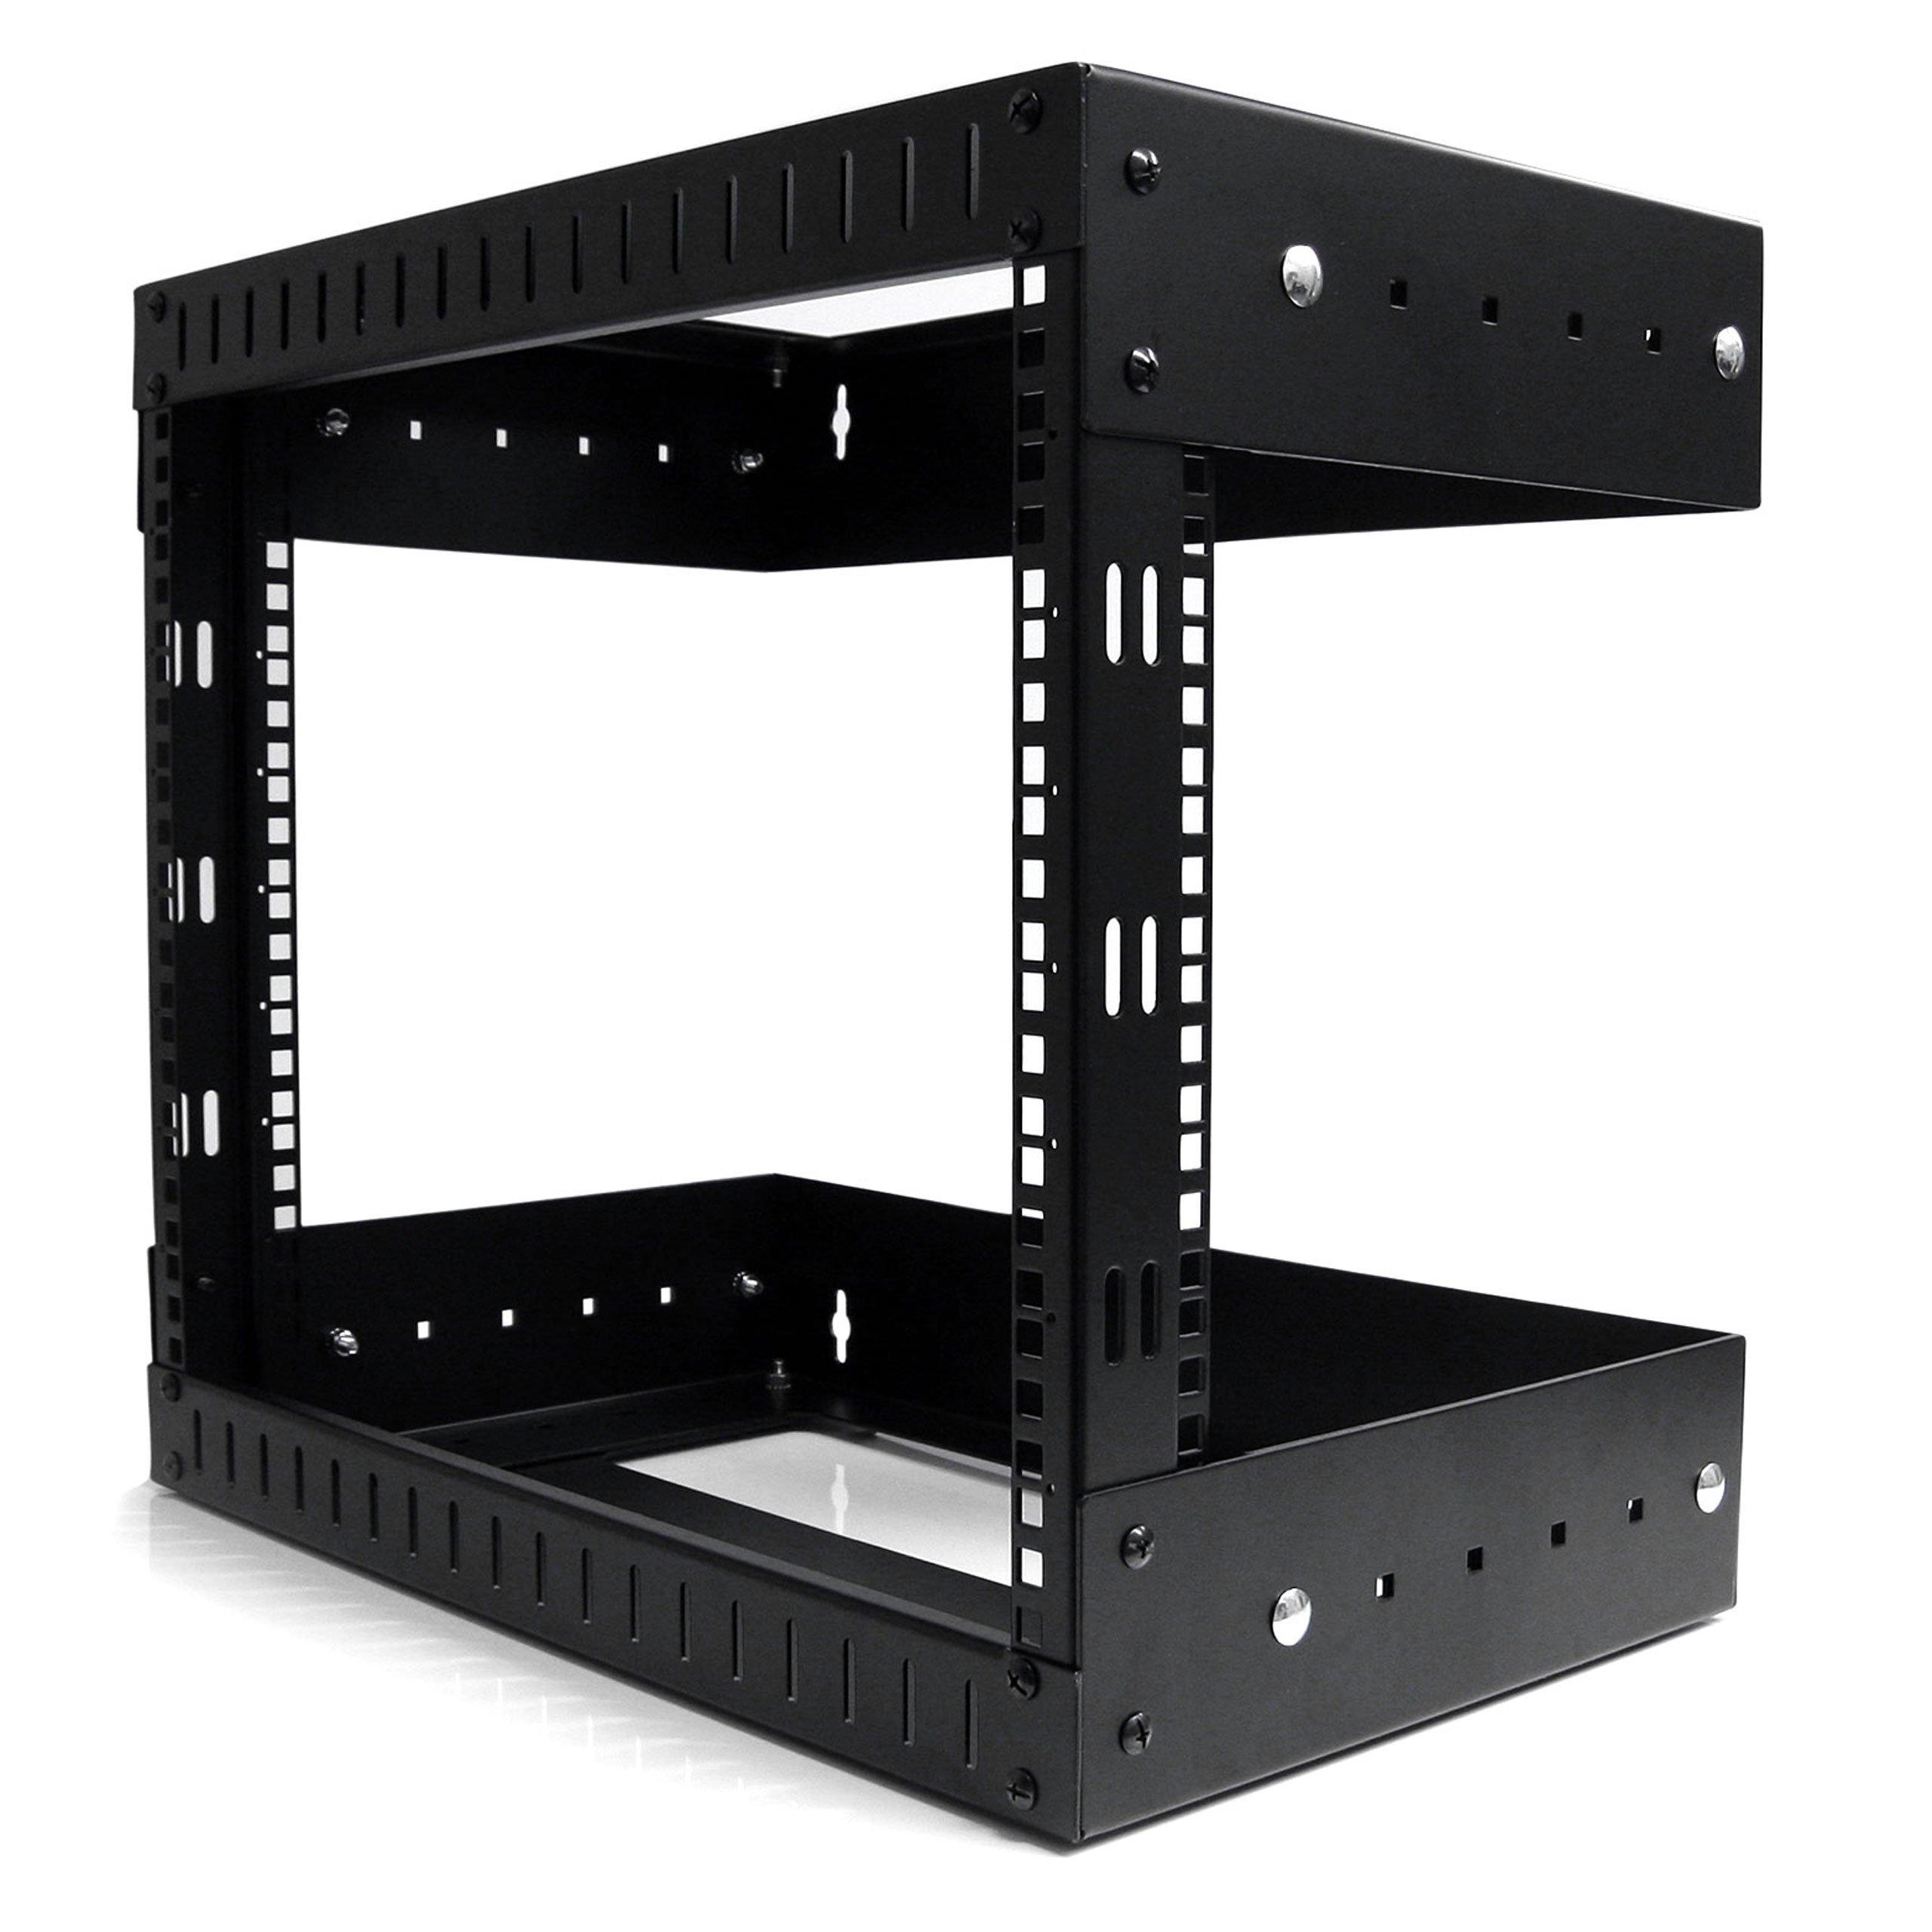 StarTech.com 8U Open Frame Wall Mount Equipment Rack - Adjustable Depth RK812WALLOA (Black)